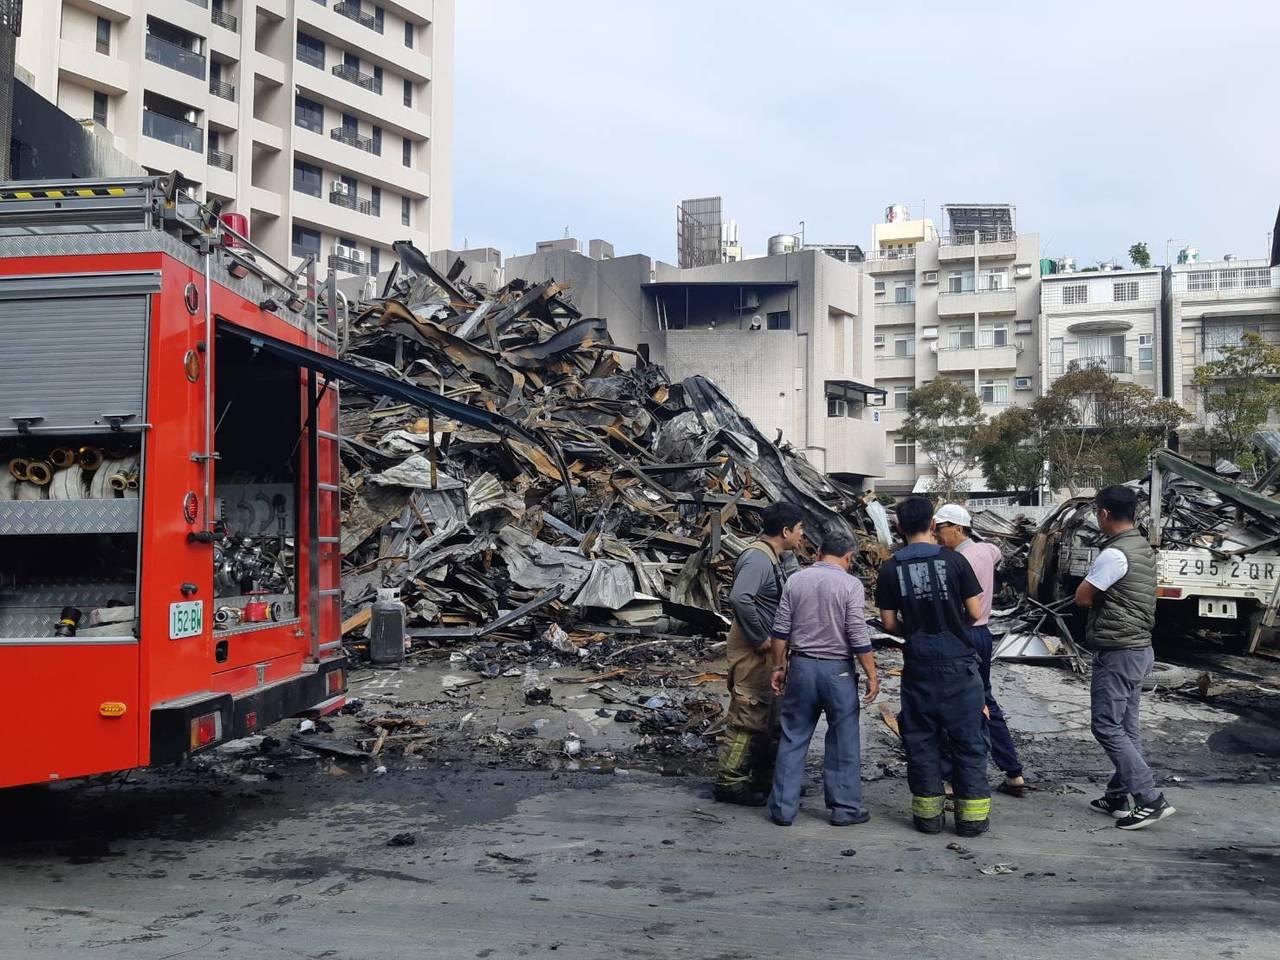 高雄市清晨工廠大火冒出濃煙,廠房頓時成廢墟。記者賴郁薇/攝影